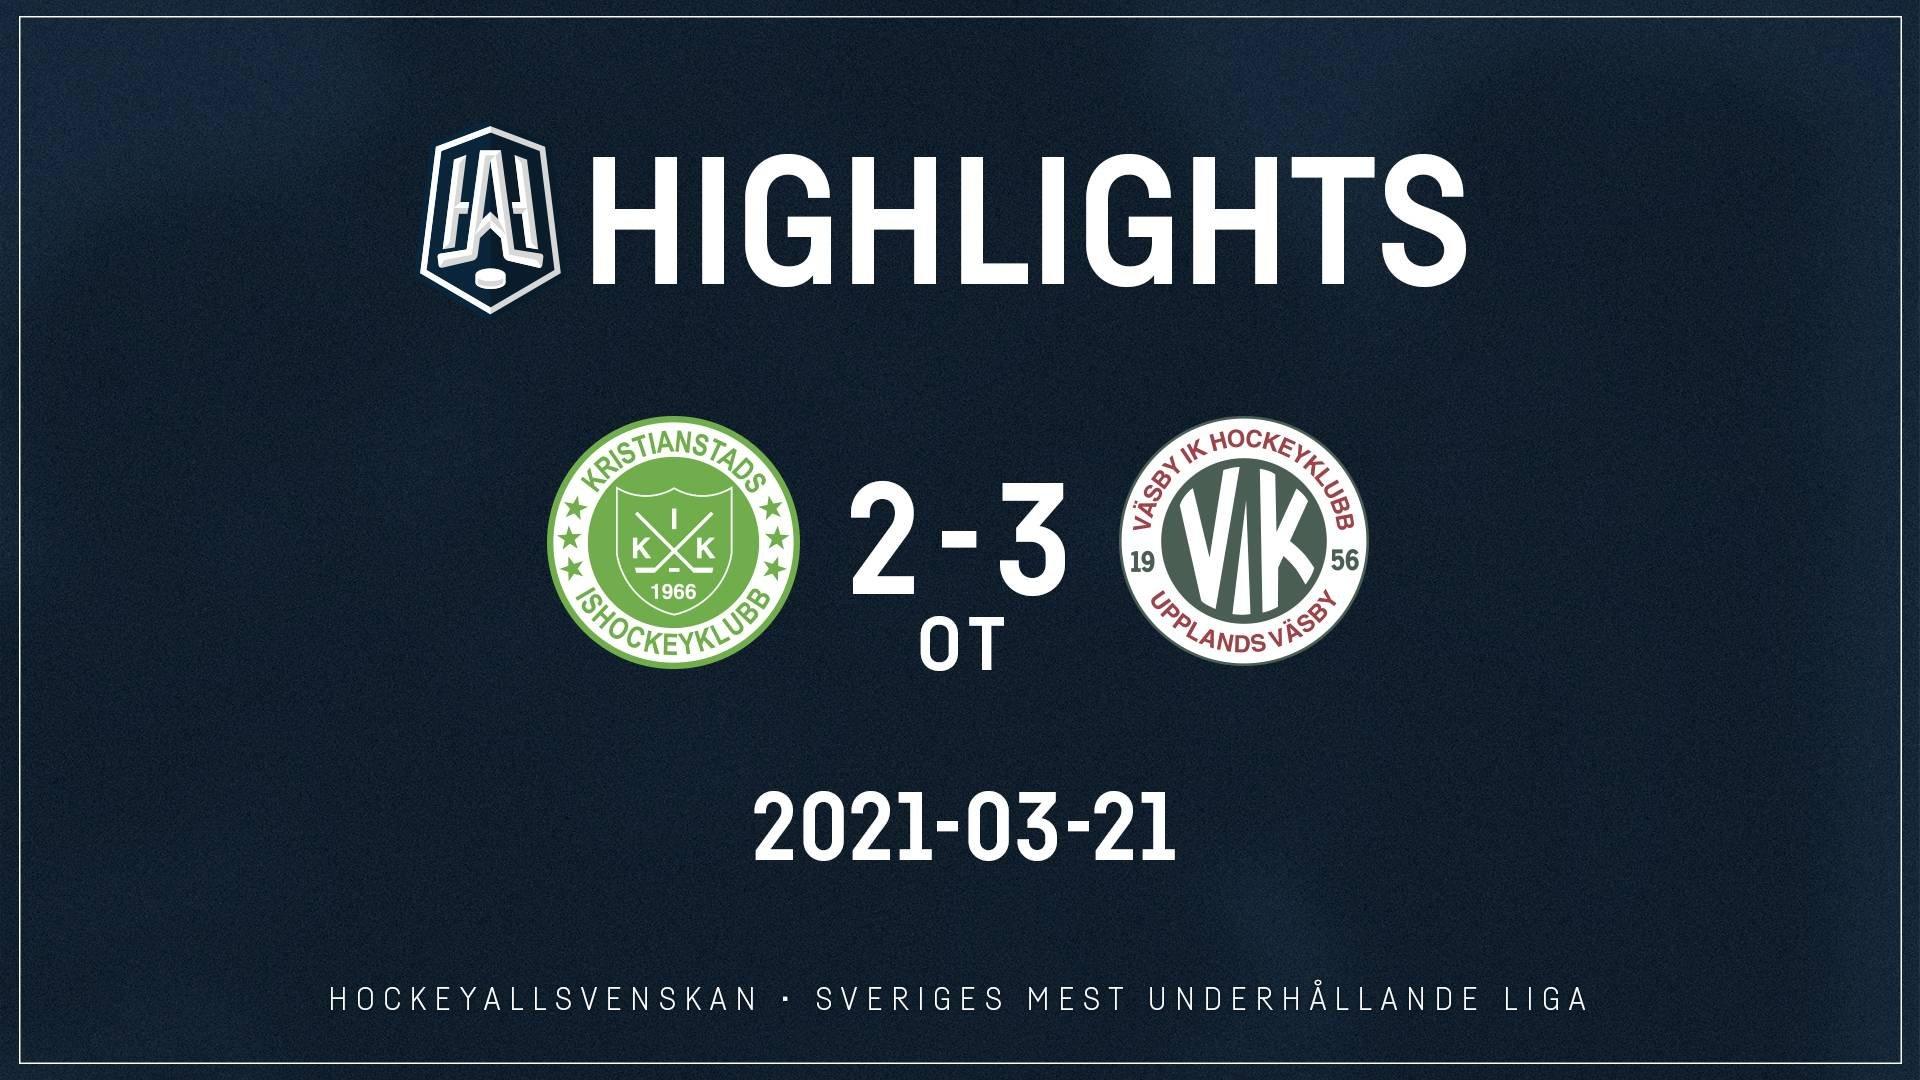 2021-03-21 Kristianstad - Väsby 2-3 (OT)